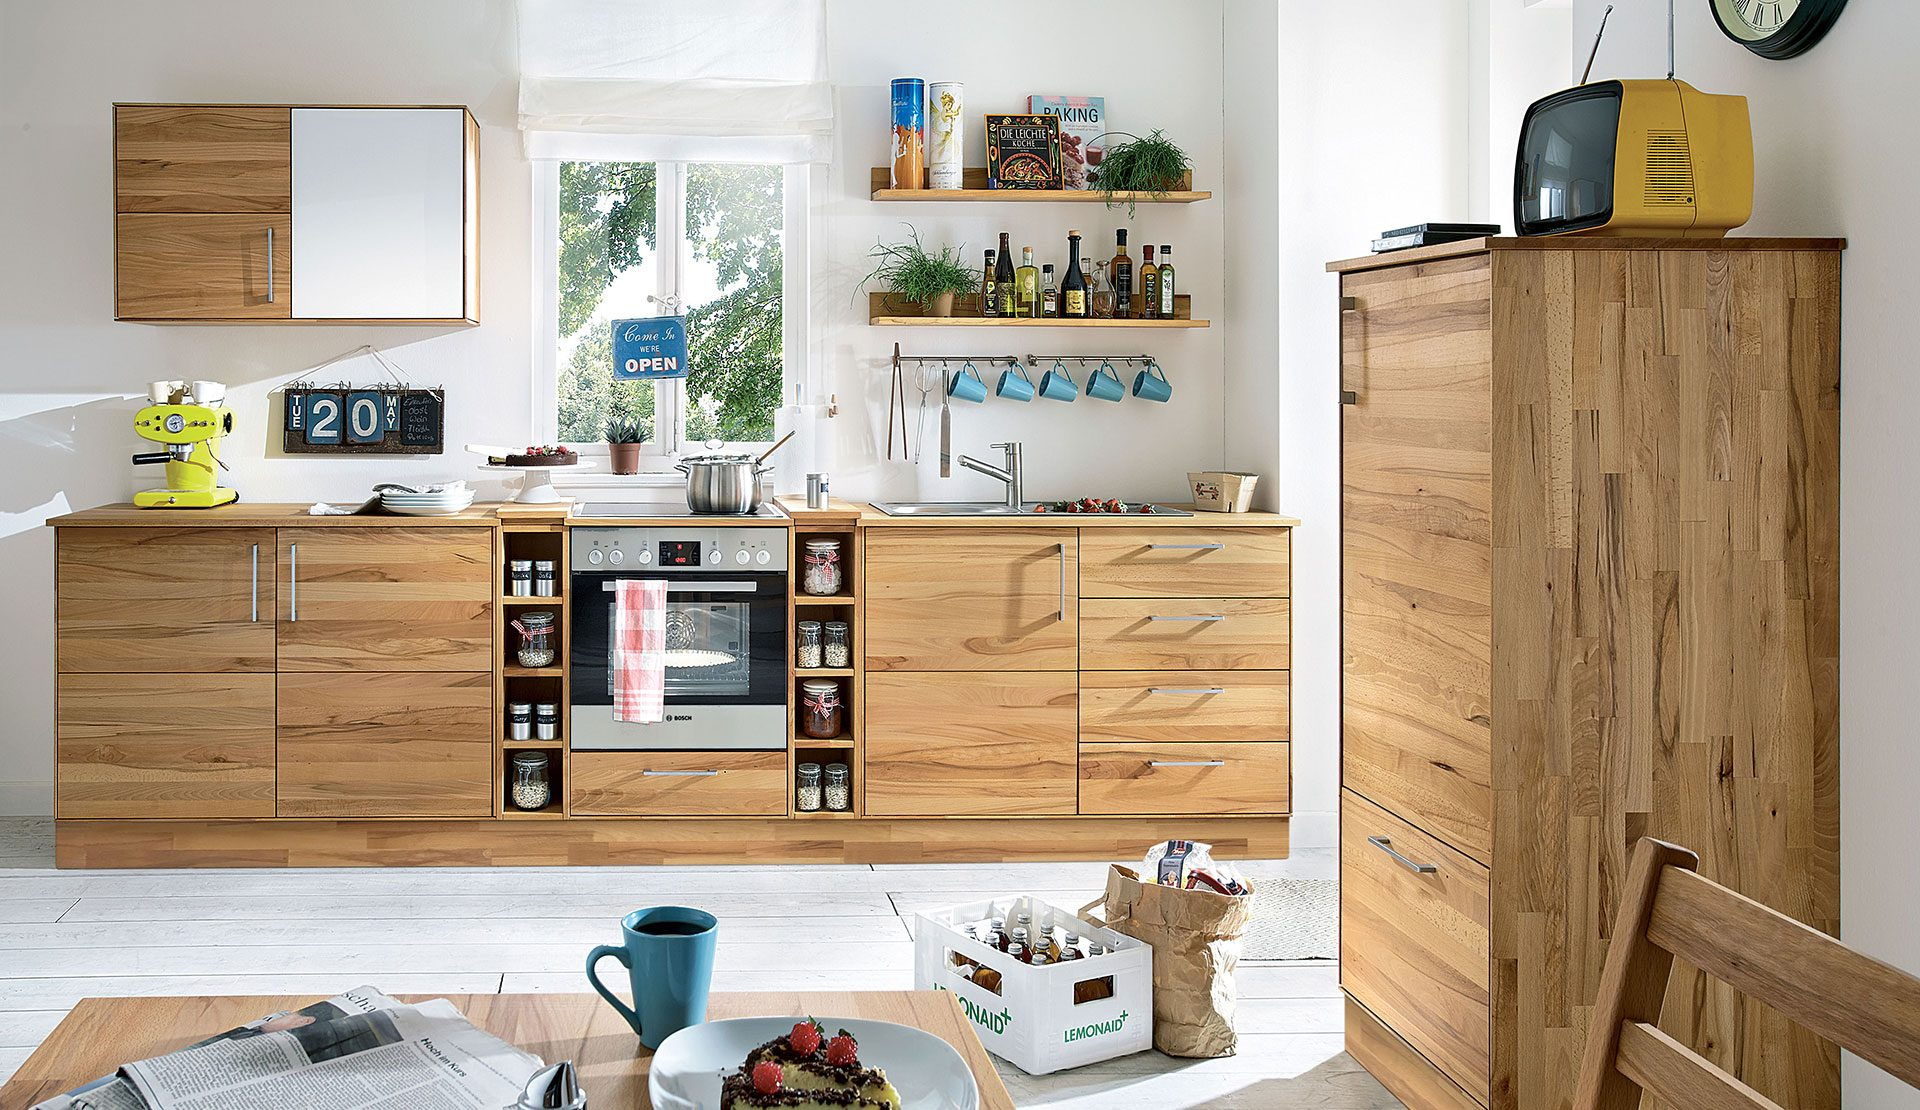 Full Size of Modulküche Gebraucht Massivholz Modulkche Culinara Schadstoffgeprft Ikea Landhausküche Gebrauchtwagen Bad Kreuznach Gebrauchte Küche Kaufen Regale Holz Wohnzimmer Modulküche Gebraucht